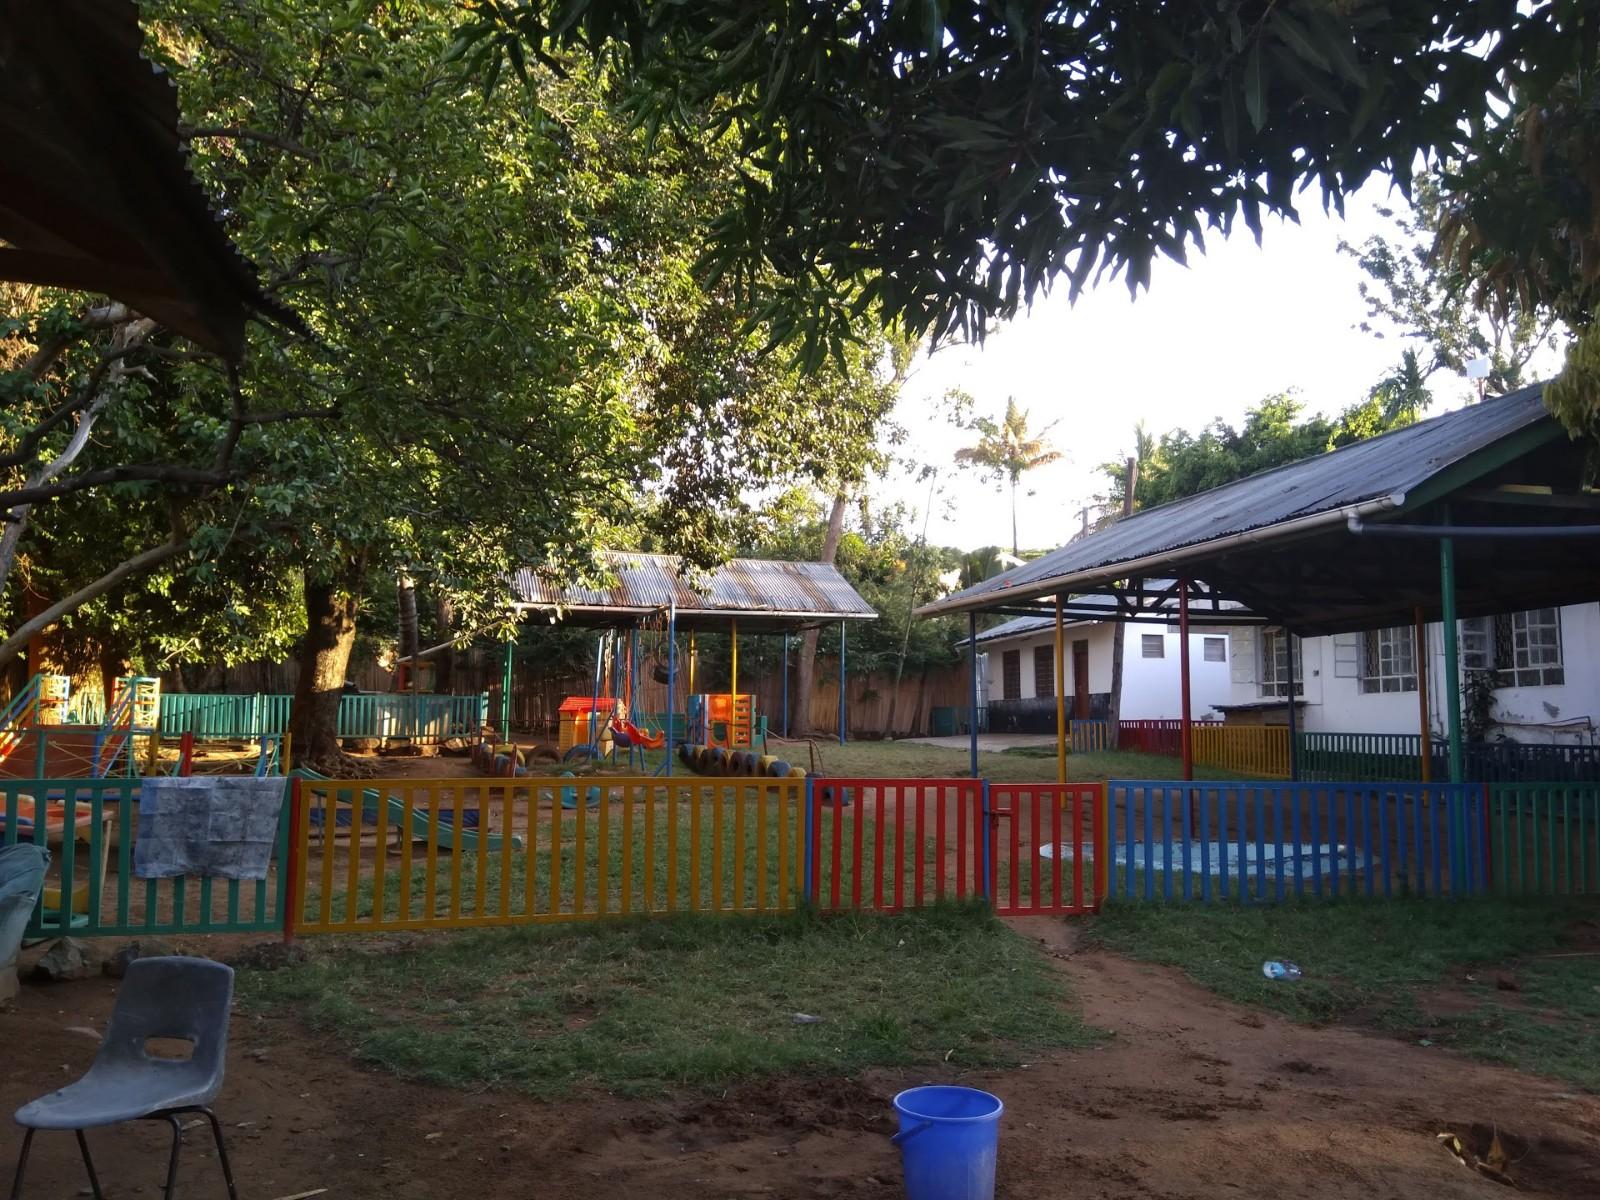 Baby Homen puutarha sekä taustalla leikkikoulu ja päärakennus.